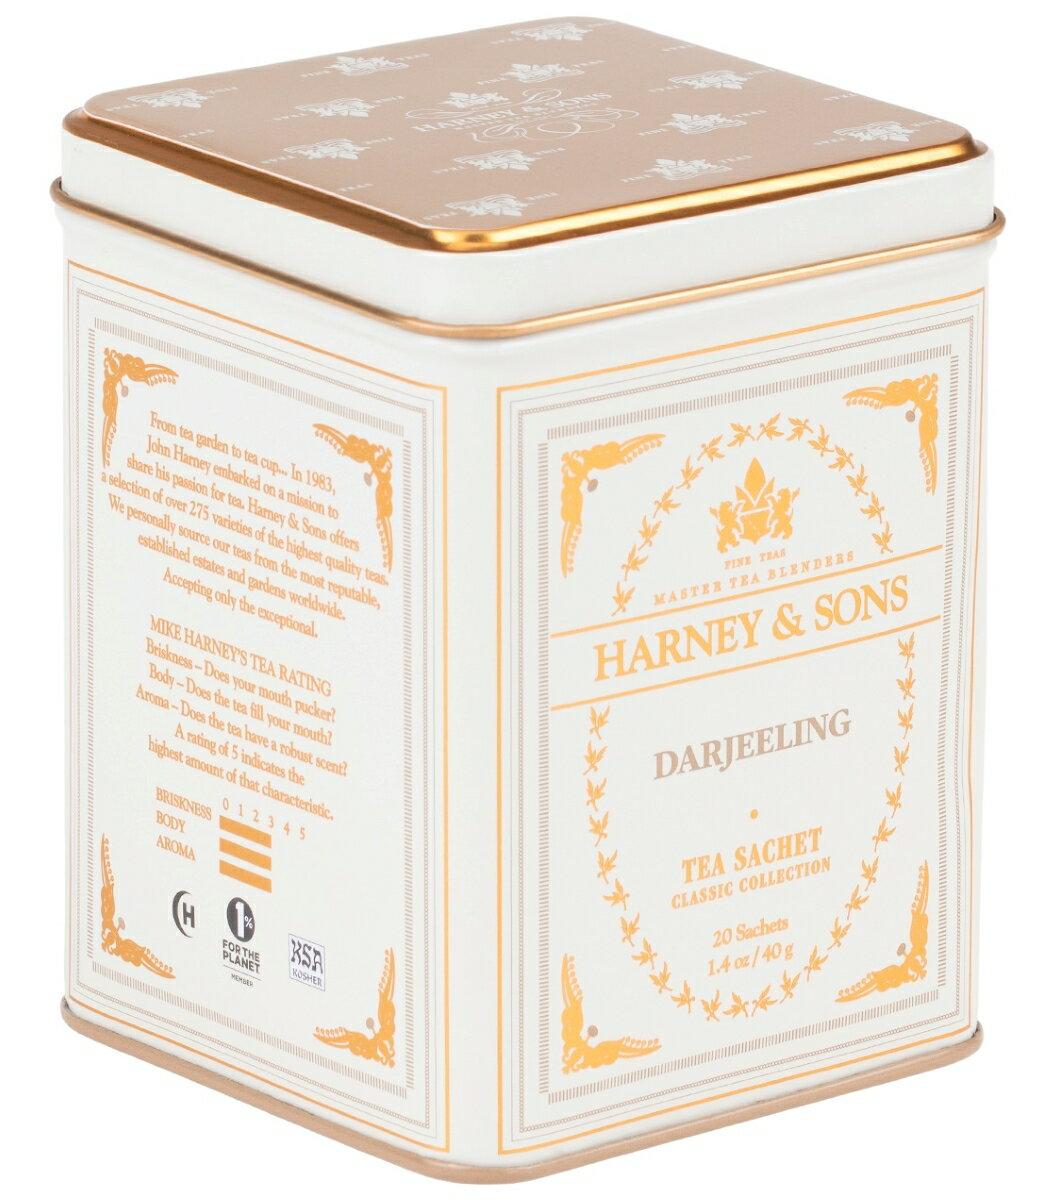 ダージリン[TINCAN] サシェ20個入【ハーニー&サンズ】【Harney&Sons】【ニューヨーク】【オータムナル】【ダージリン】【紅茶】